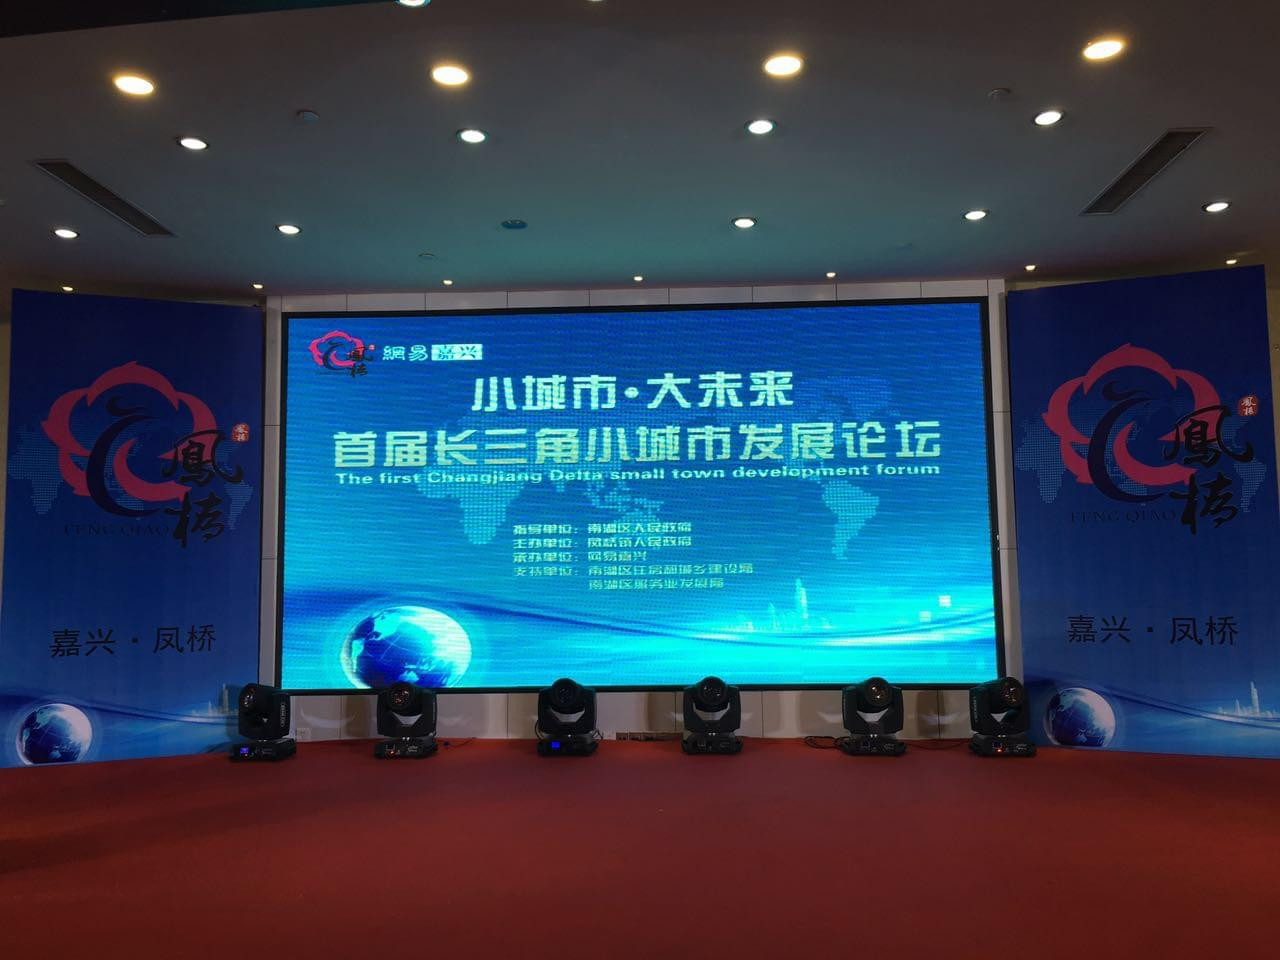 首届凤桥长三角小城市发展论坛